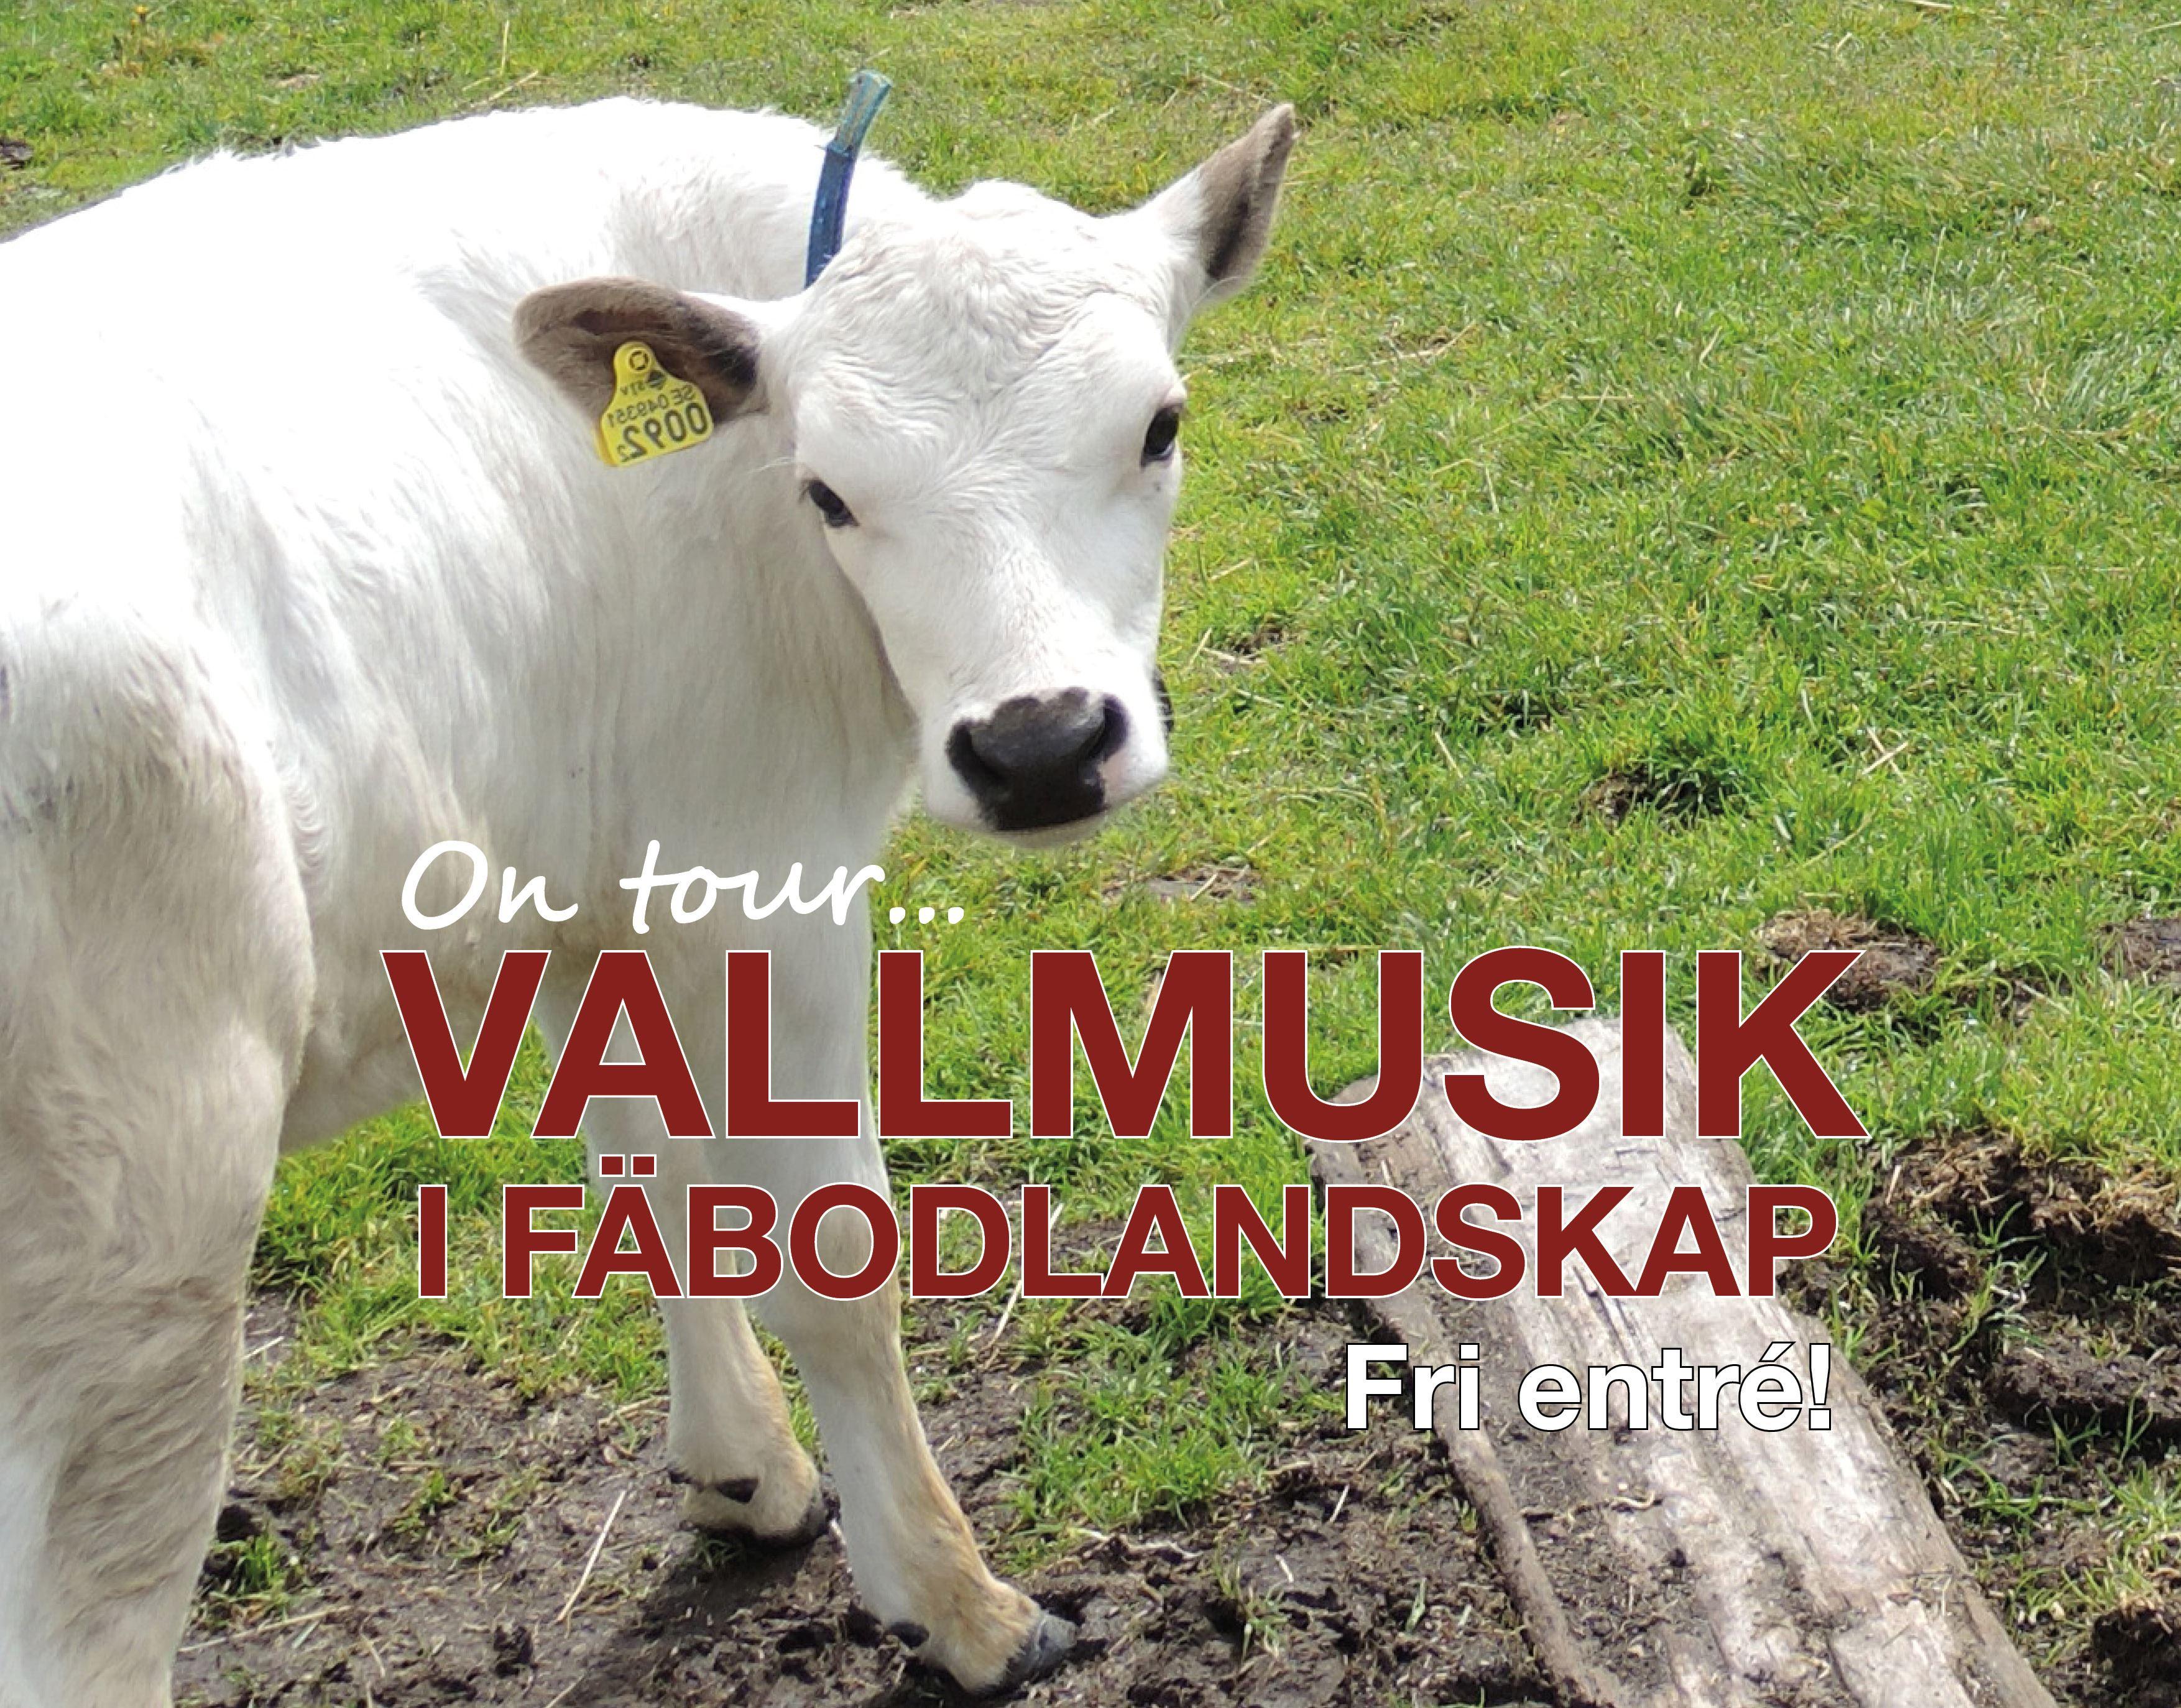 Vallmusik i Fäbolandskap - Finnsåsen, Borlänge